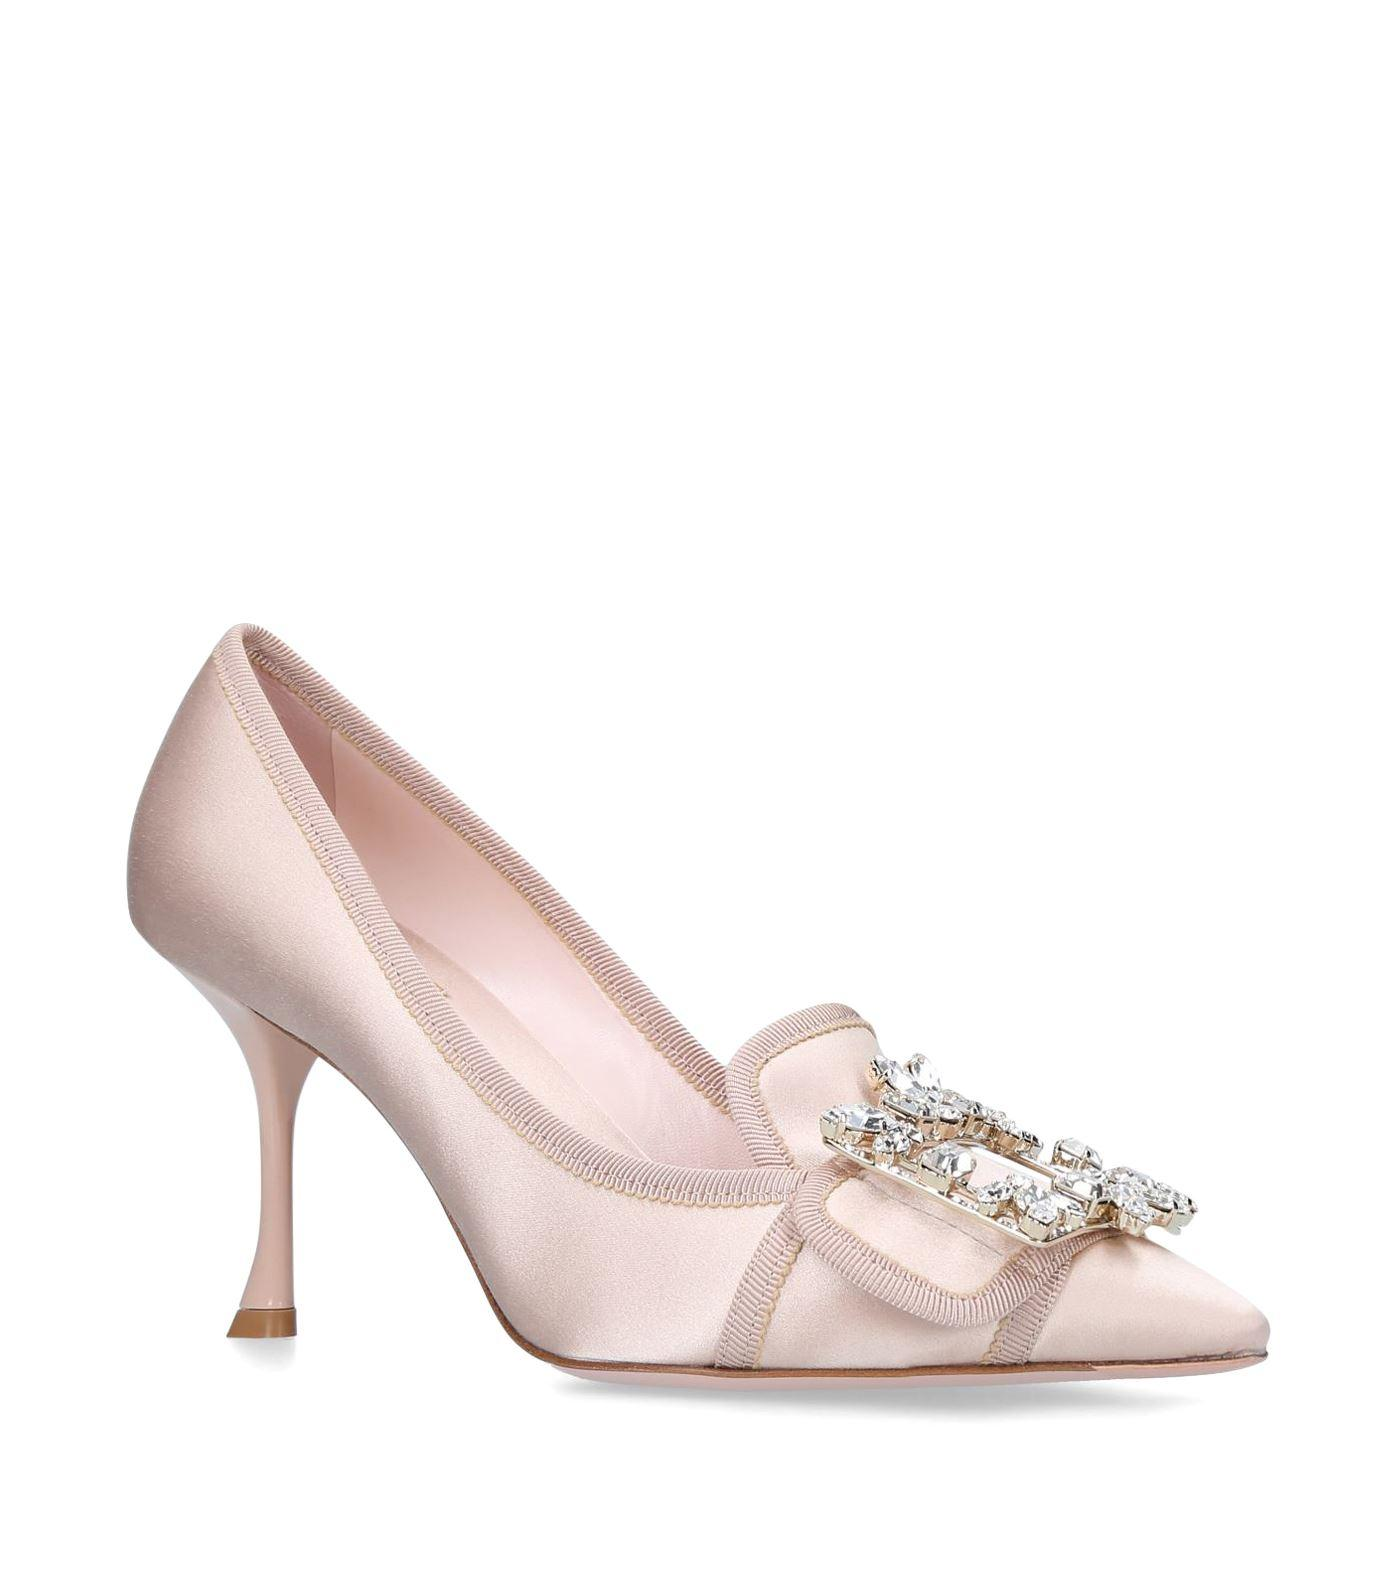 1b6964d09fa4 Roger Vivier. Women s Pink Satin Flower Buckle Court Shoes 85